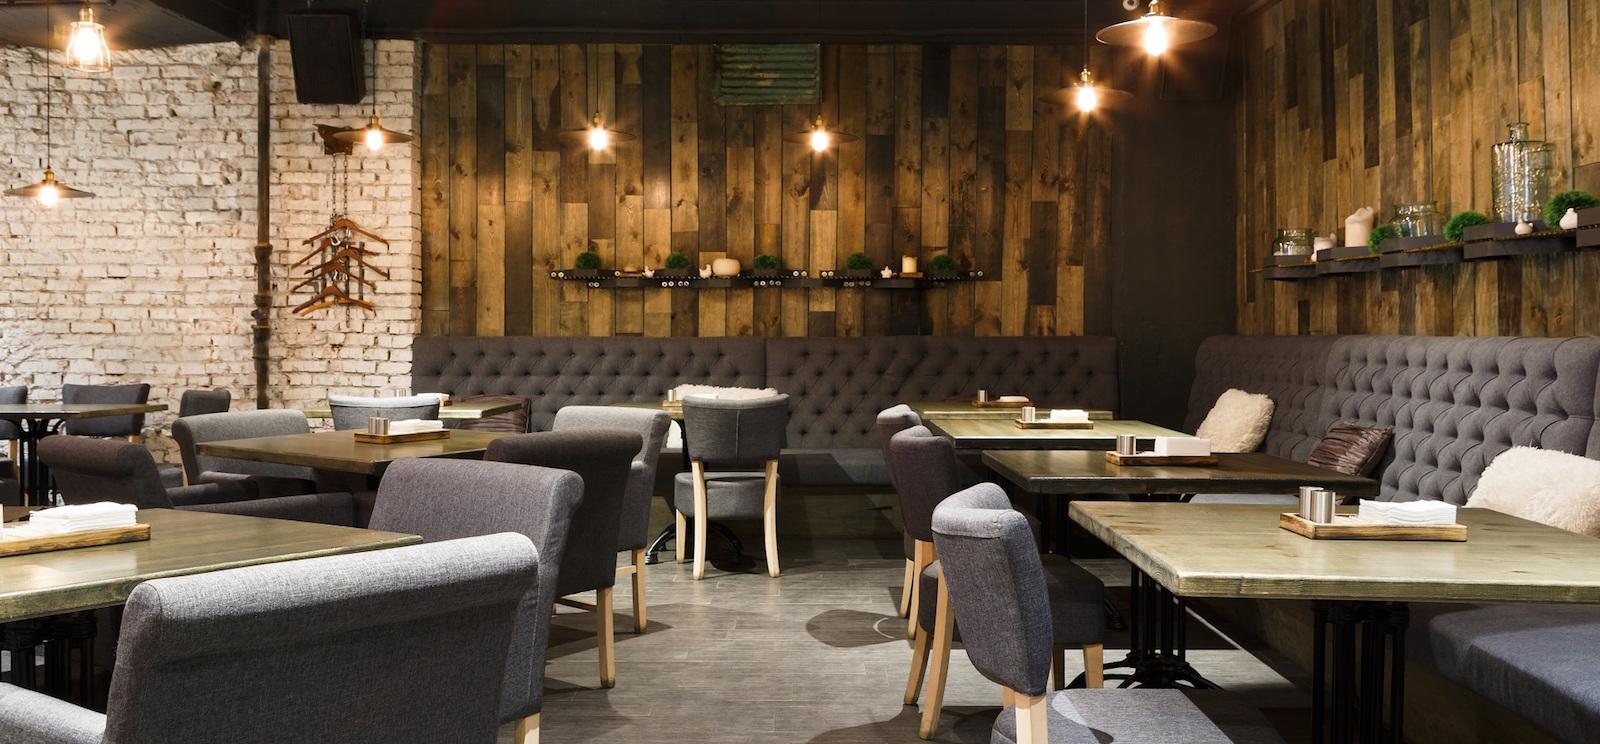 La sala di un ristorante, a rappresentare le competenze acquisibili da chi segua un corso di restaurant management.